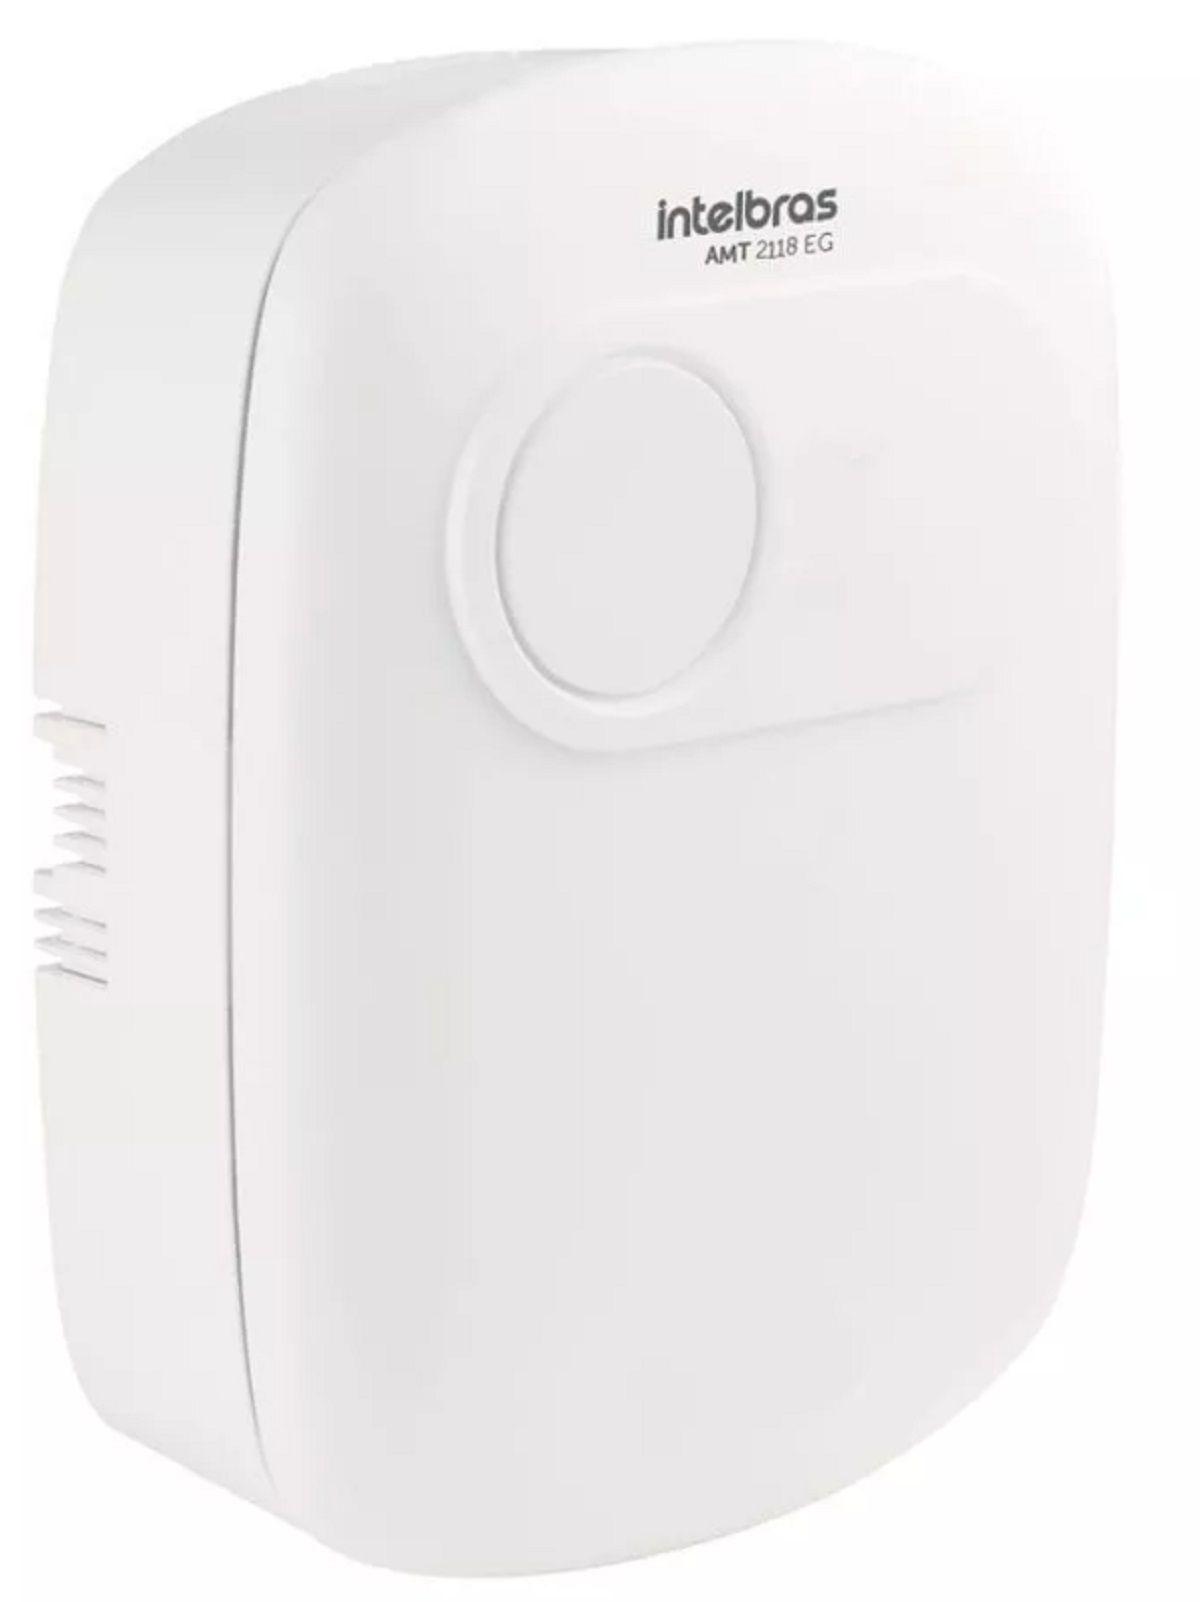 Central De Alarme Intelbras Amt 2118 Eg Monitorada Gsm Gprs